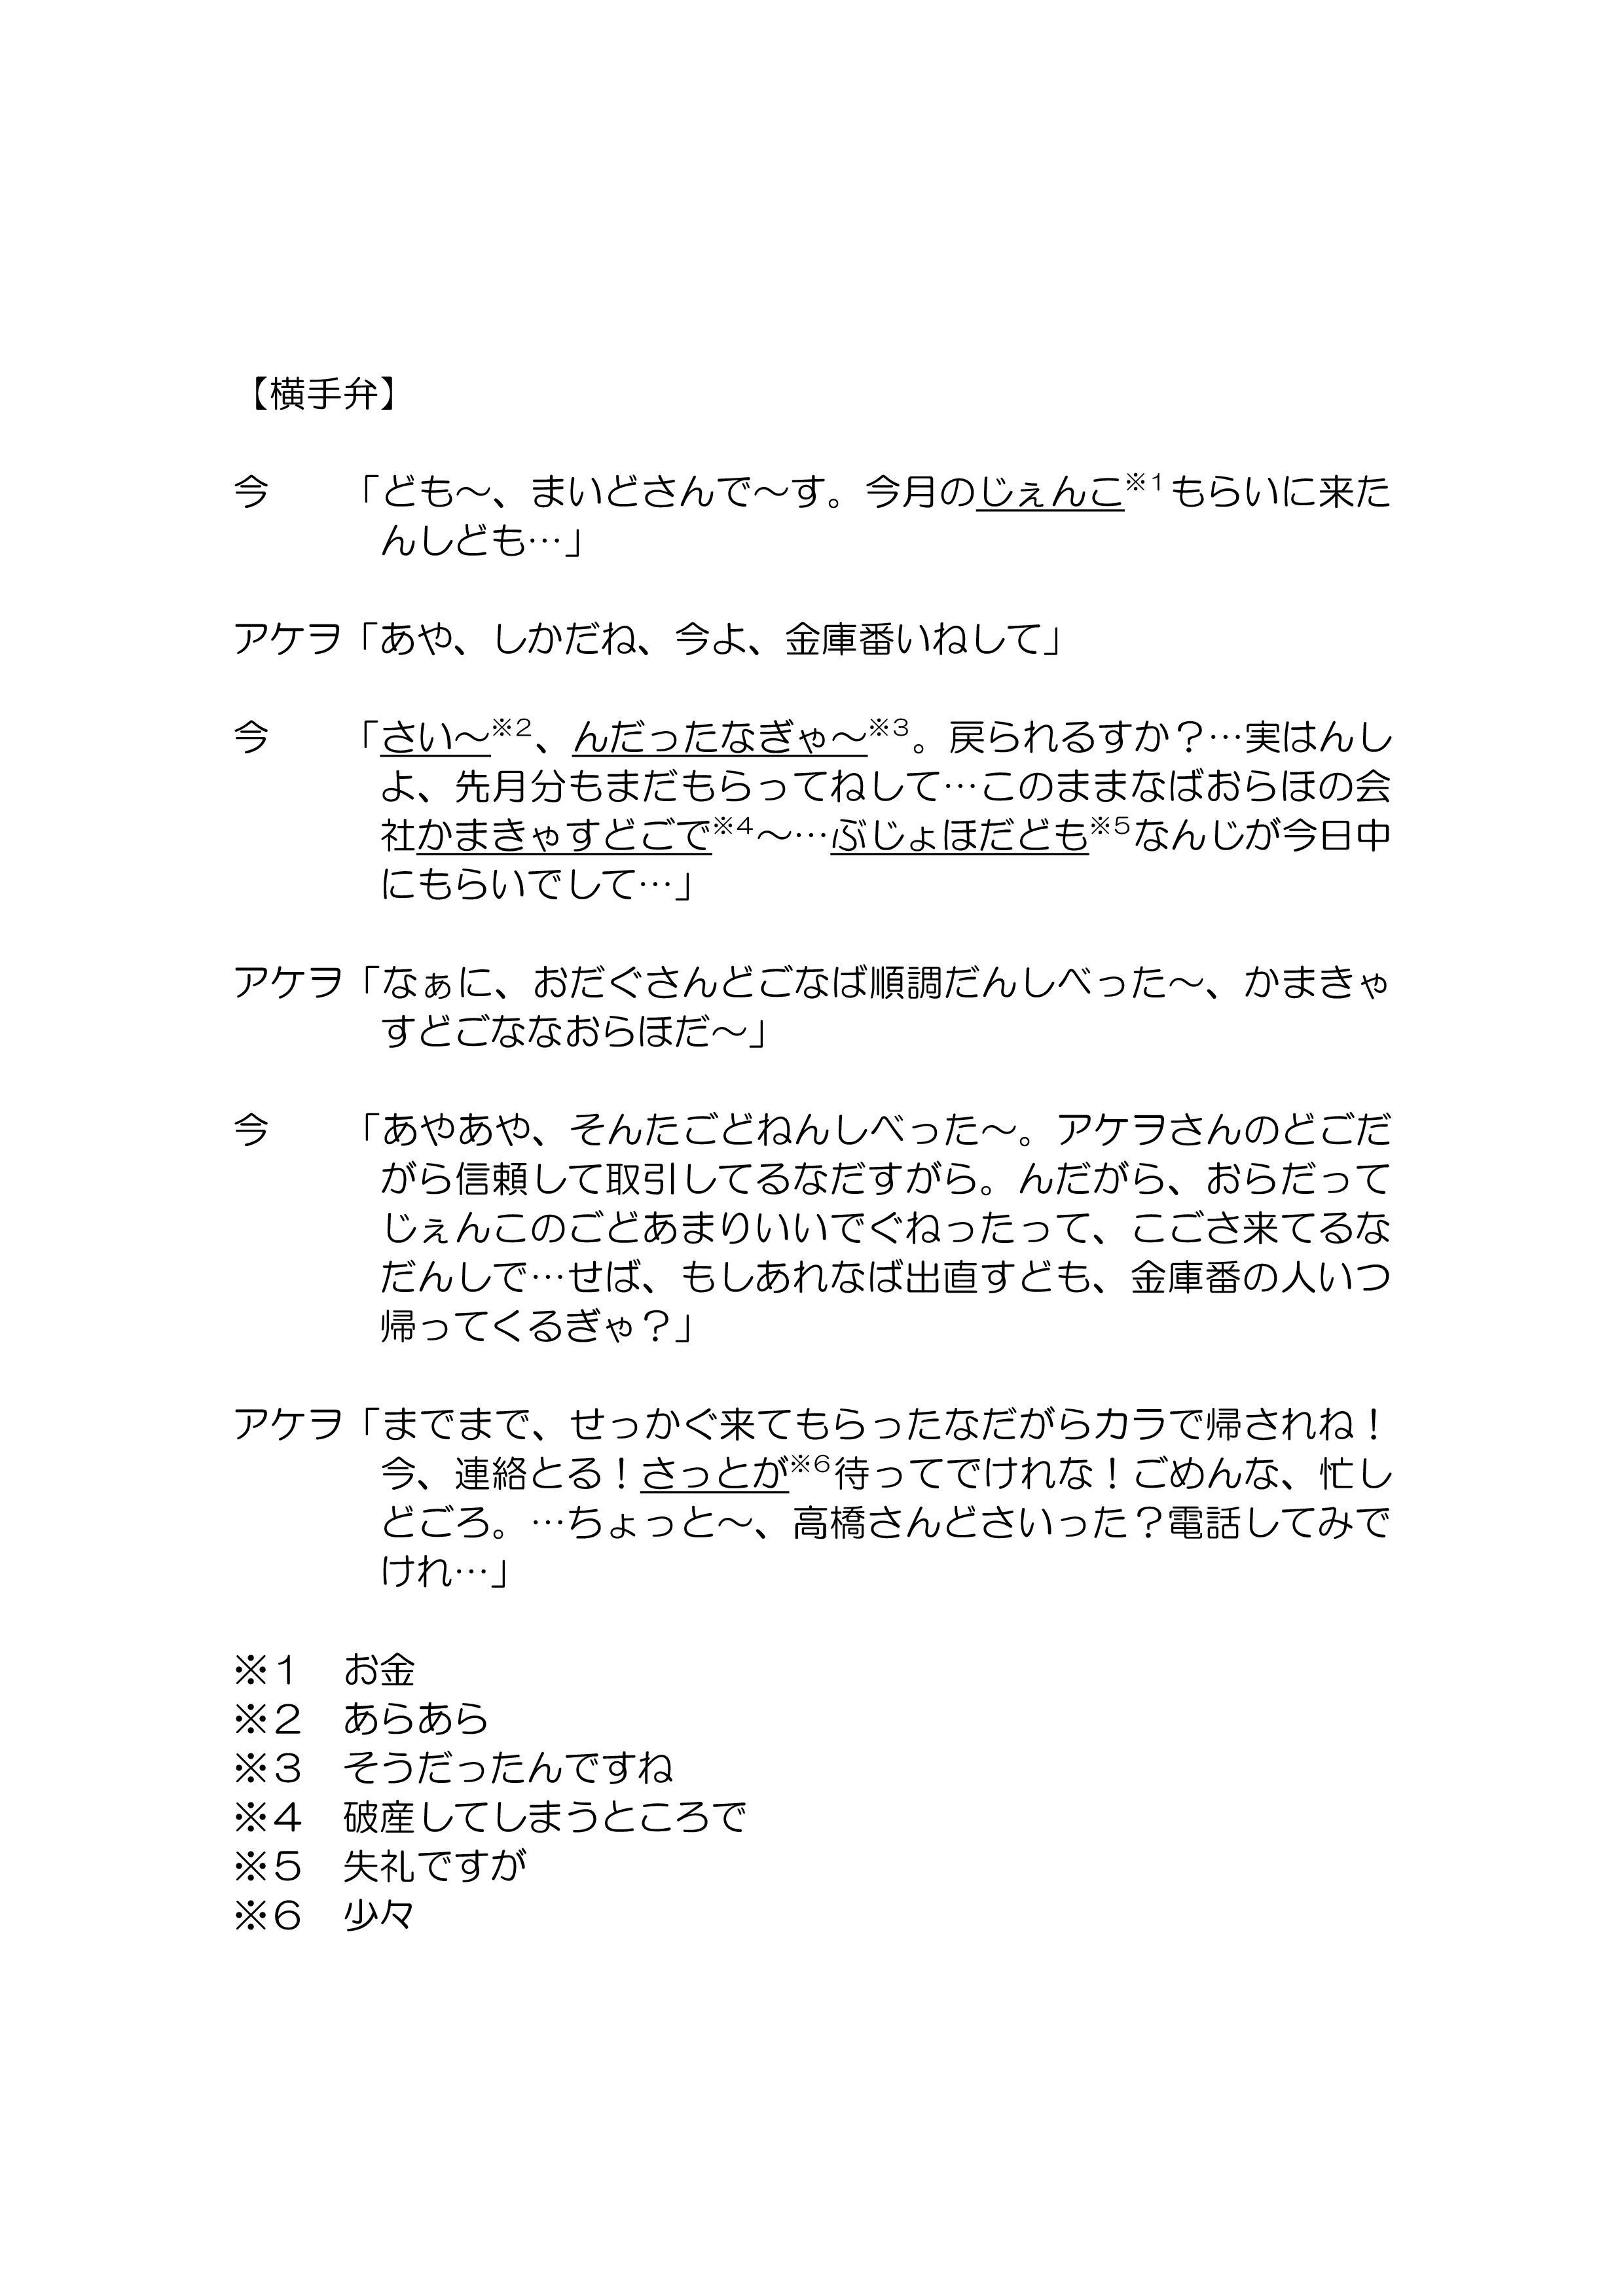 ビジネス集金-002